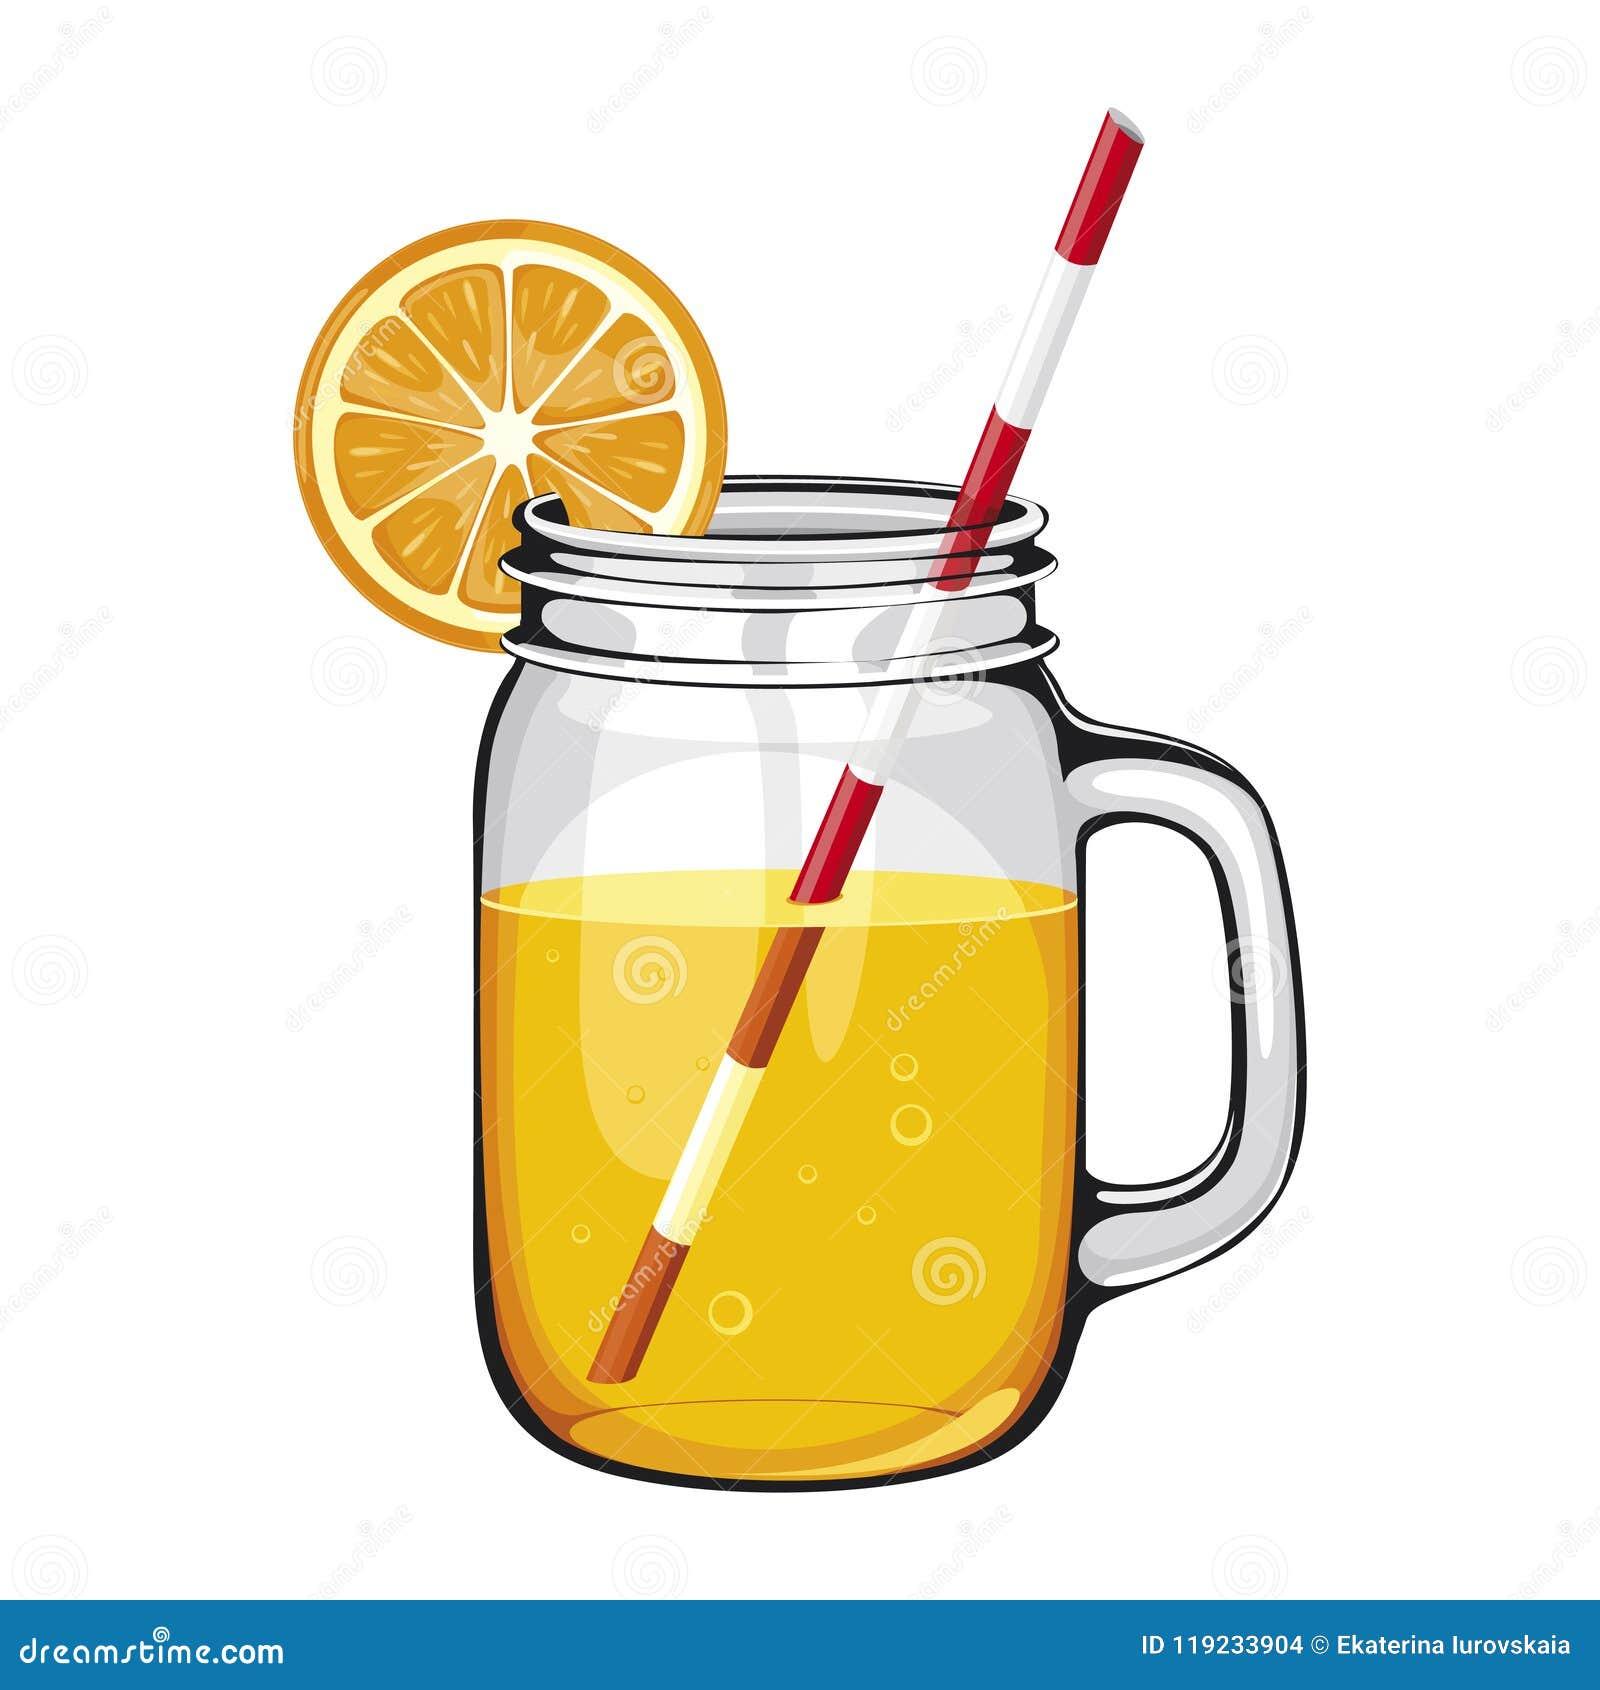 Suco de laranja, batido, em um frasco de pedreiro com uma palha, DECORADA COM UMA FATIA ALARANJADA